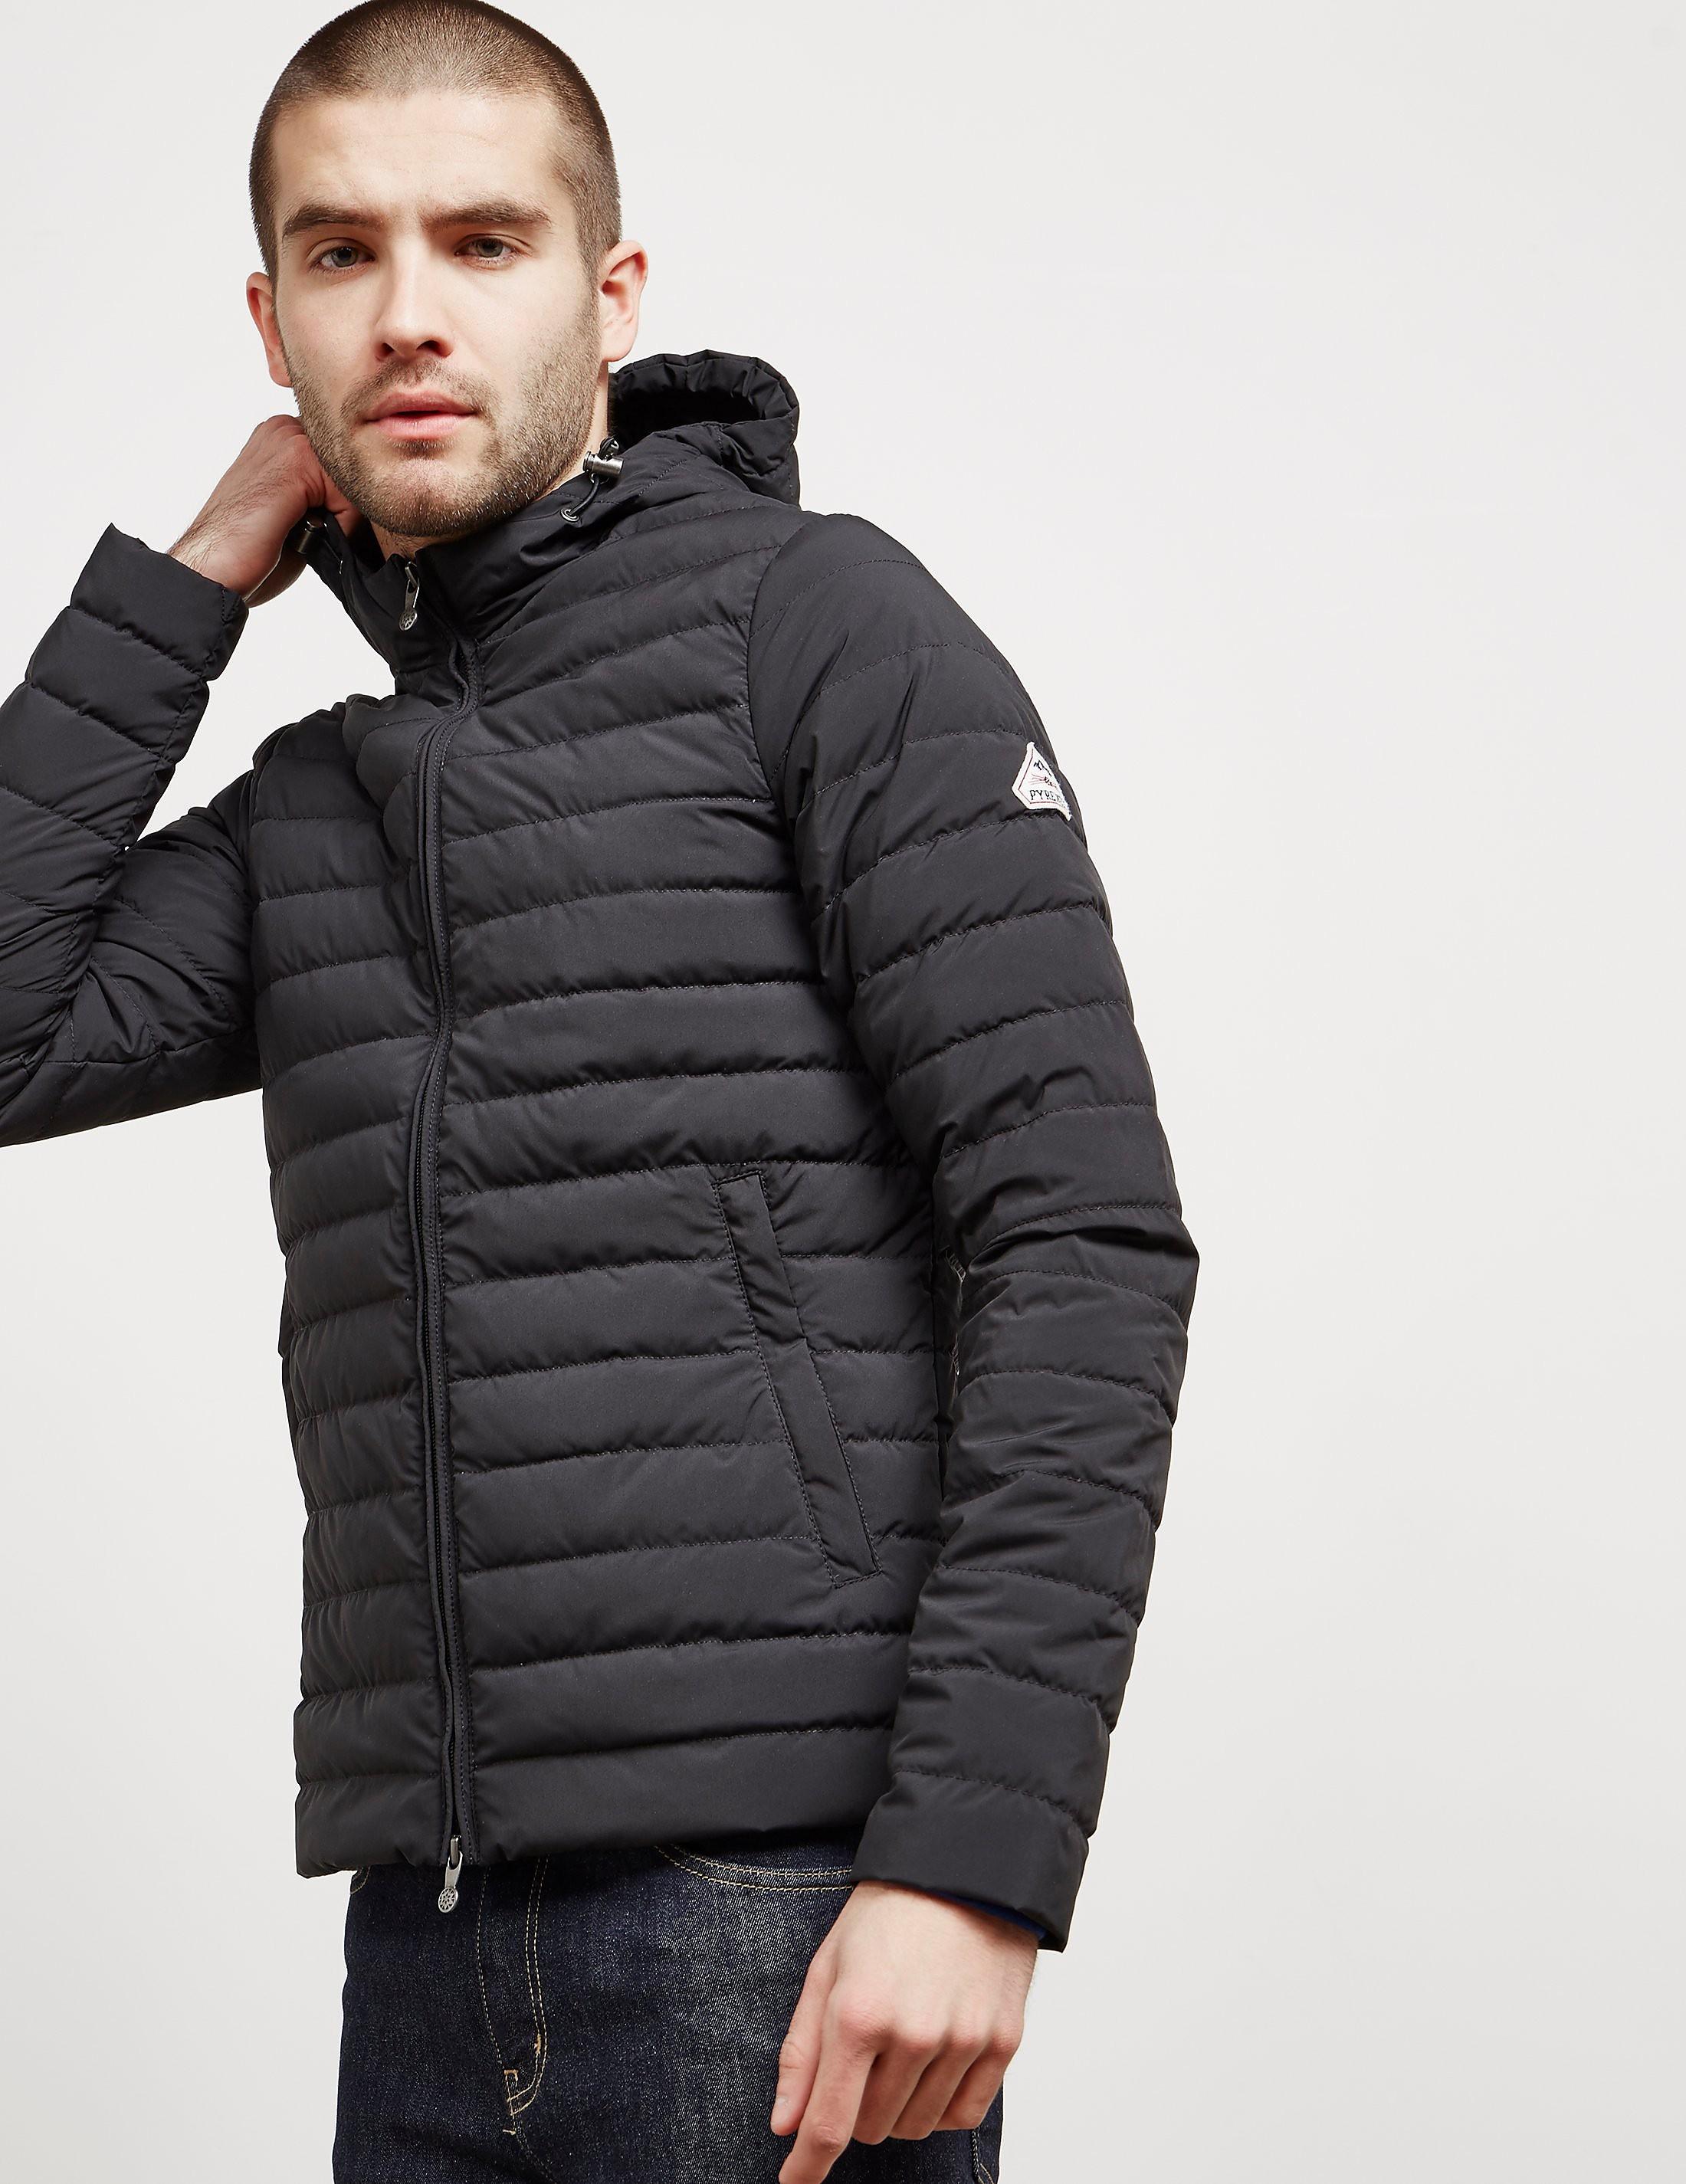 Pyrenex Nordet Padded Jacket